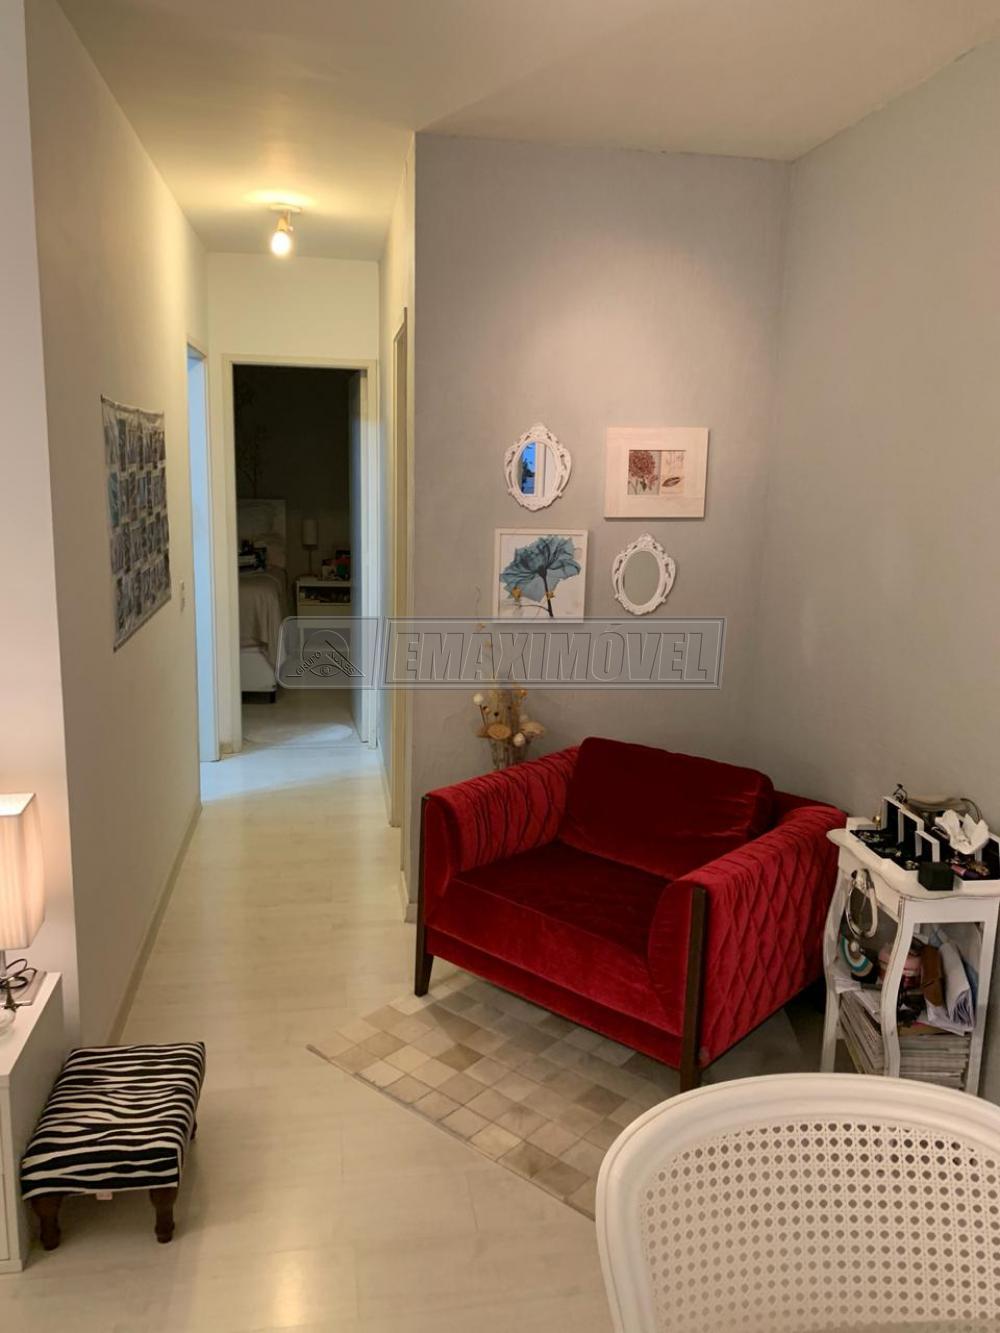 Comprar Apartamento / Padrão em Sorocaba R$ 195.000,00 - Foto 3